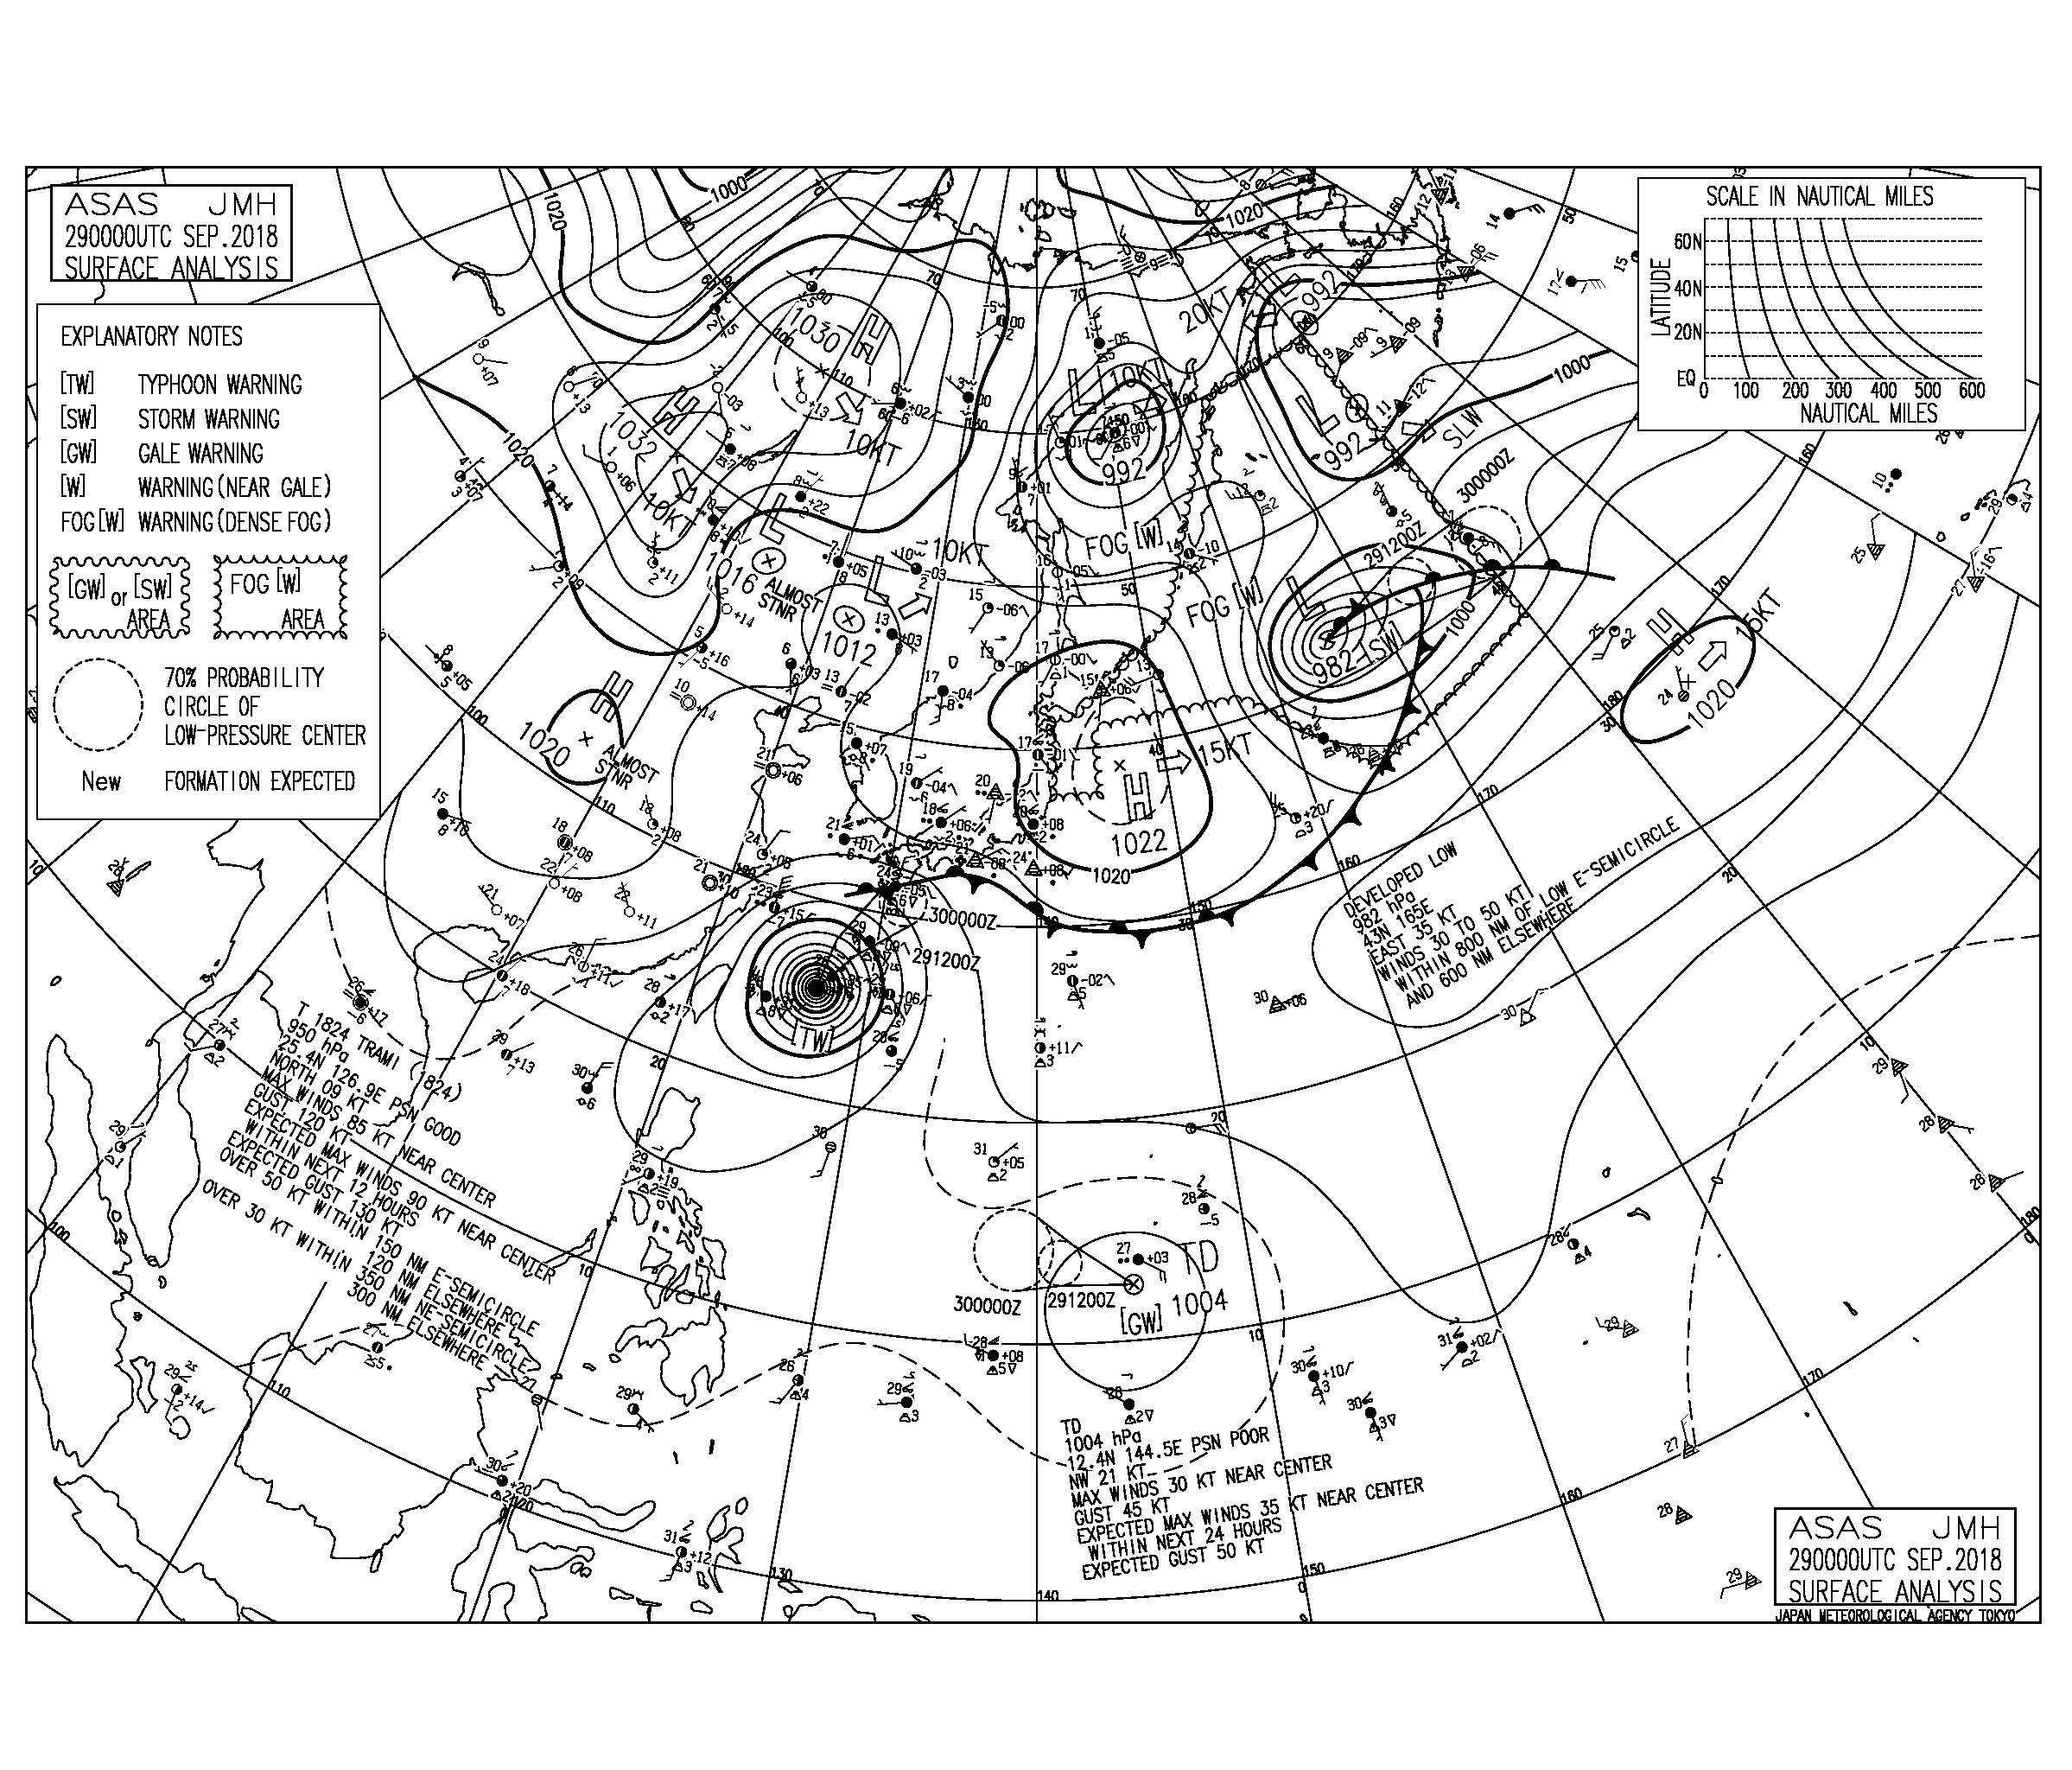 9/29 気圧配置と波情報~明日から明後日にかけて台風24号の暴風に厳重警戒、マリアナ諸島には台風25号が発生!